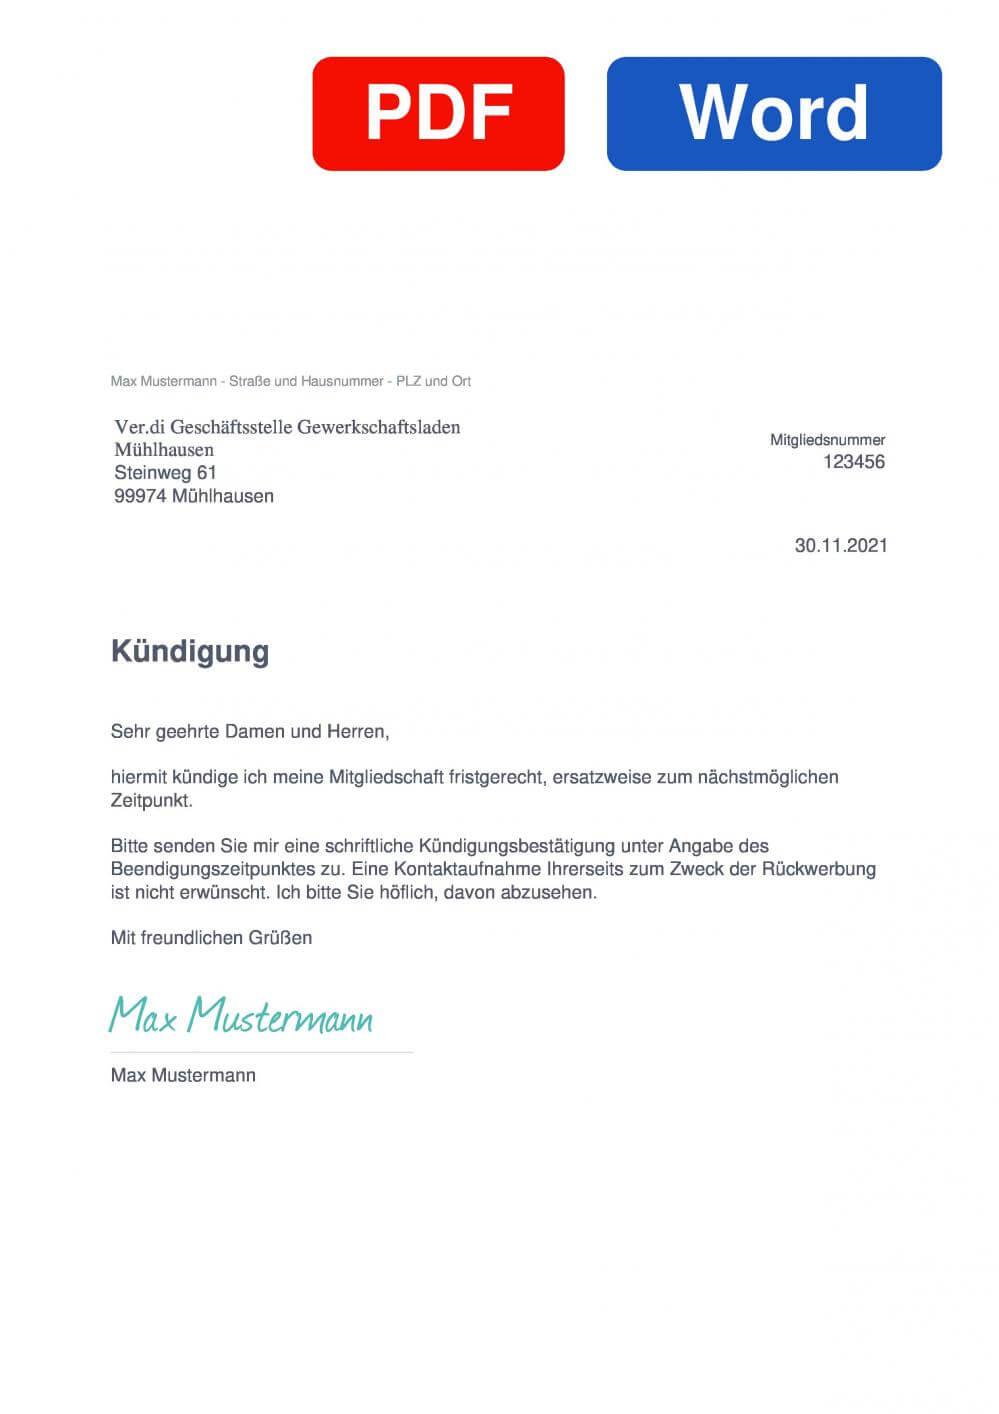 Verdi Gewerkschaftsladen Mühlhausen Muster Vorlage für Kündigungsschreiben